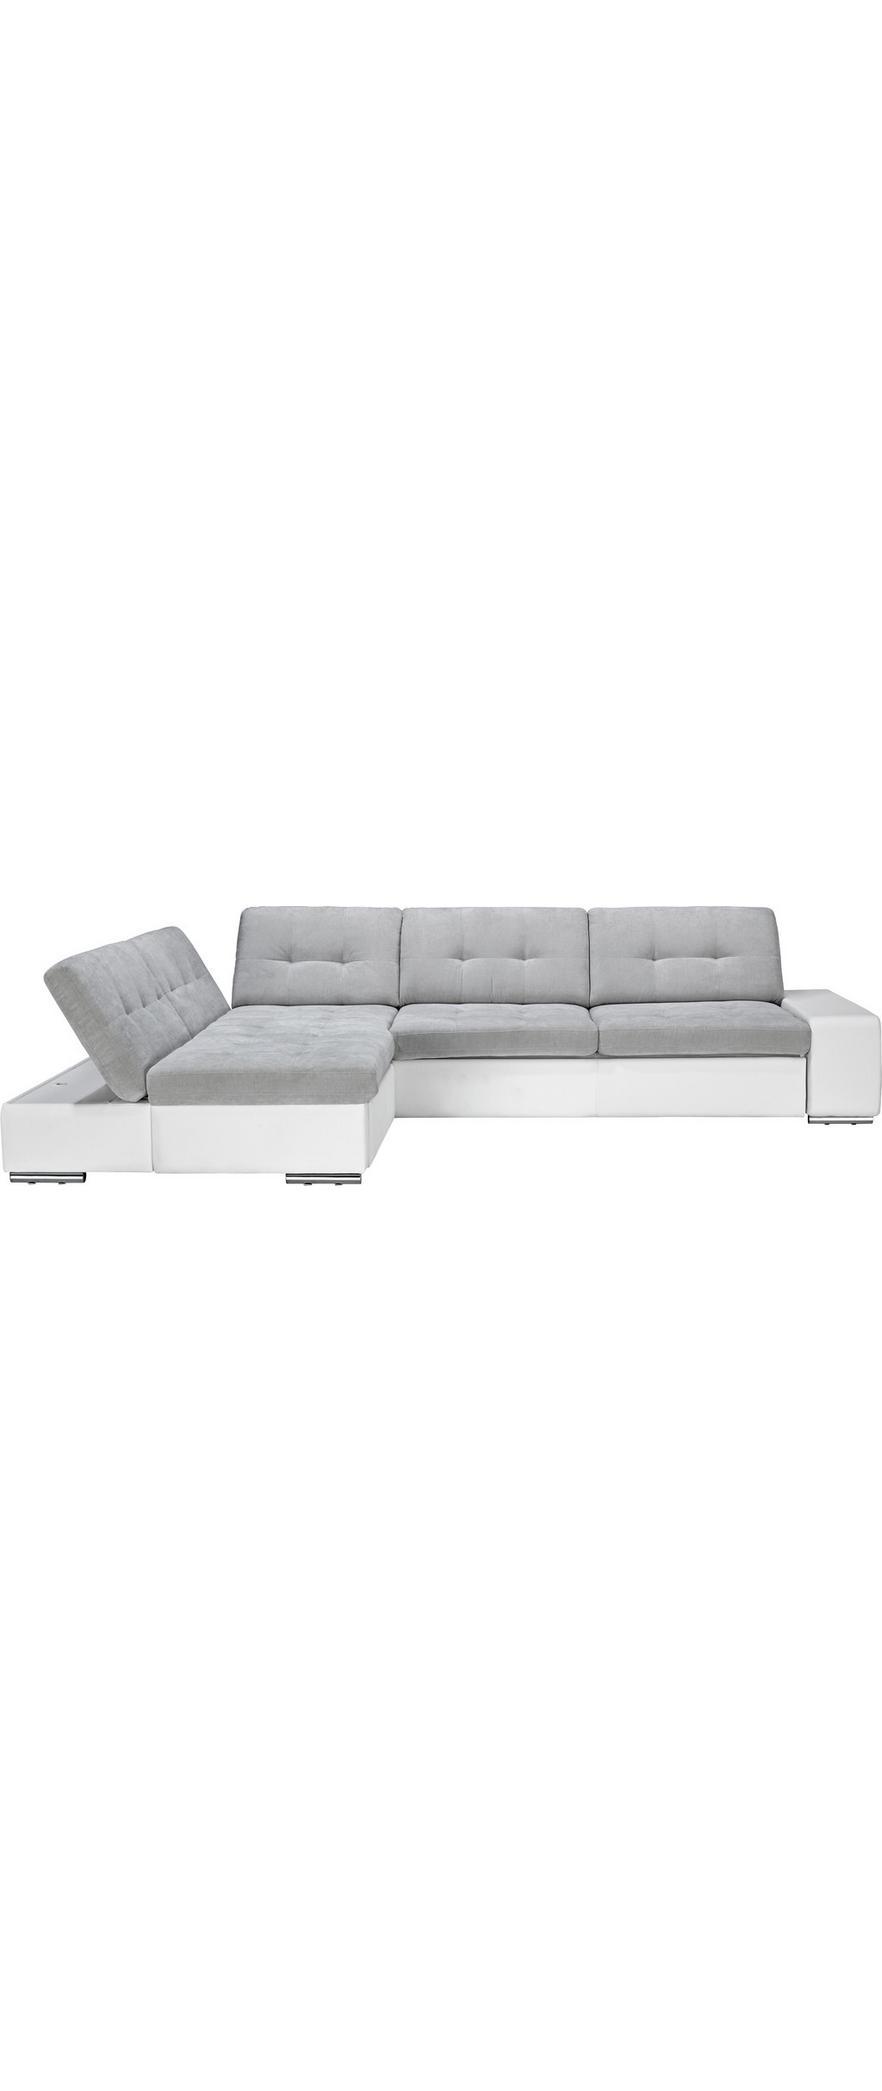 7e837e204 Sedacia Súprava Velato - sivá/biela, Moderný, umelá hmota (200/310cm